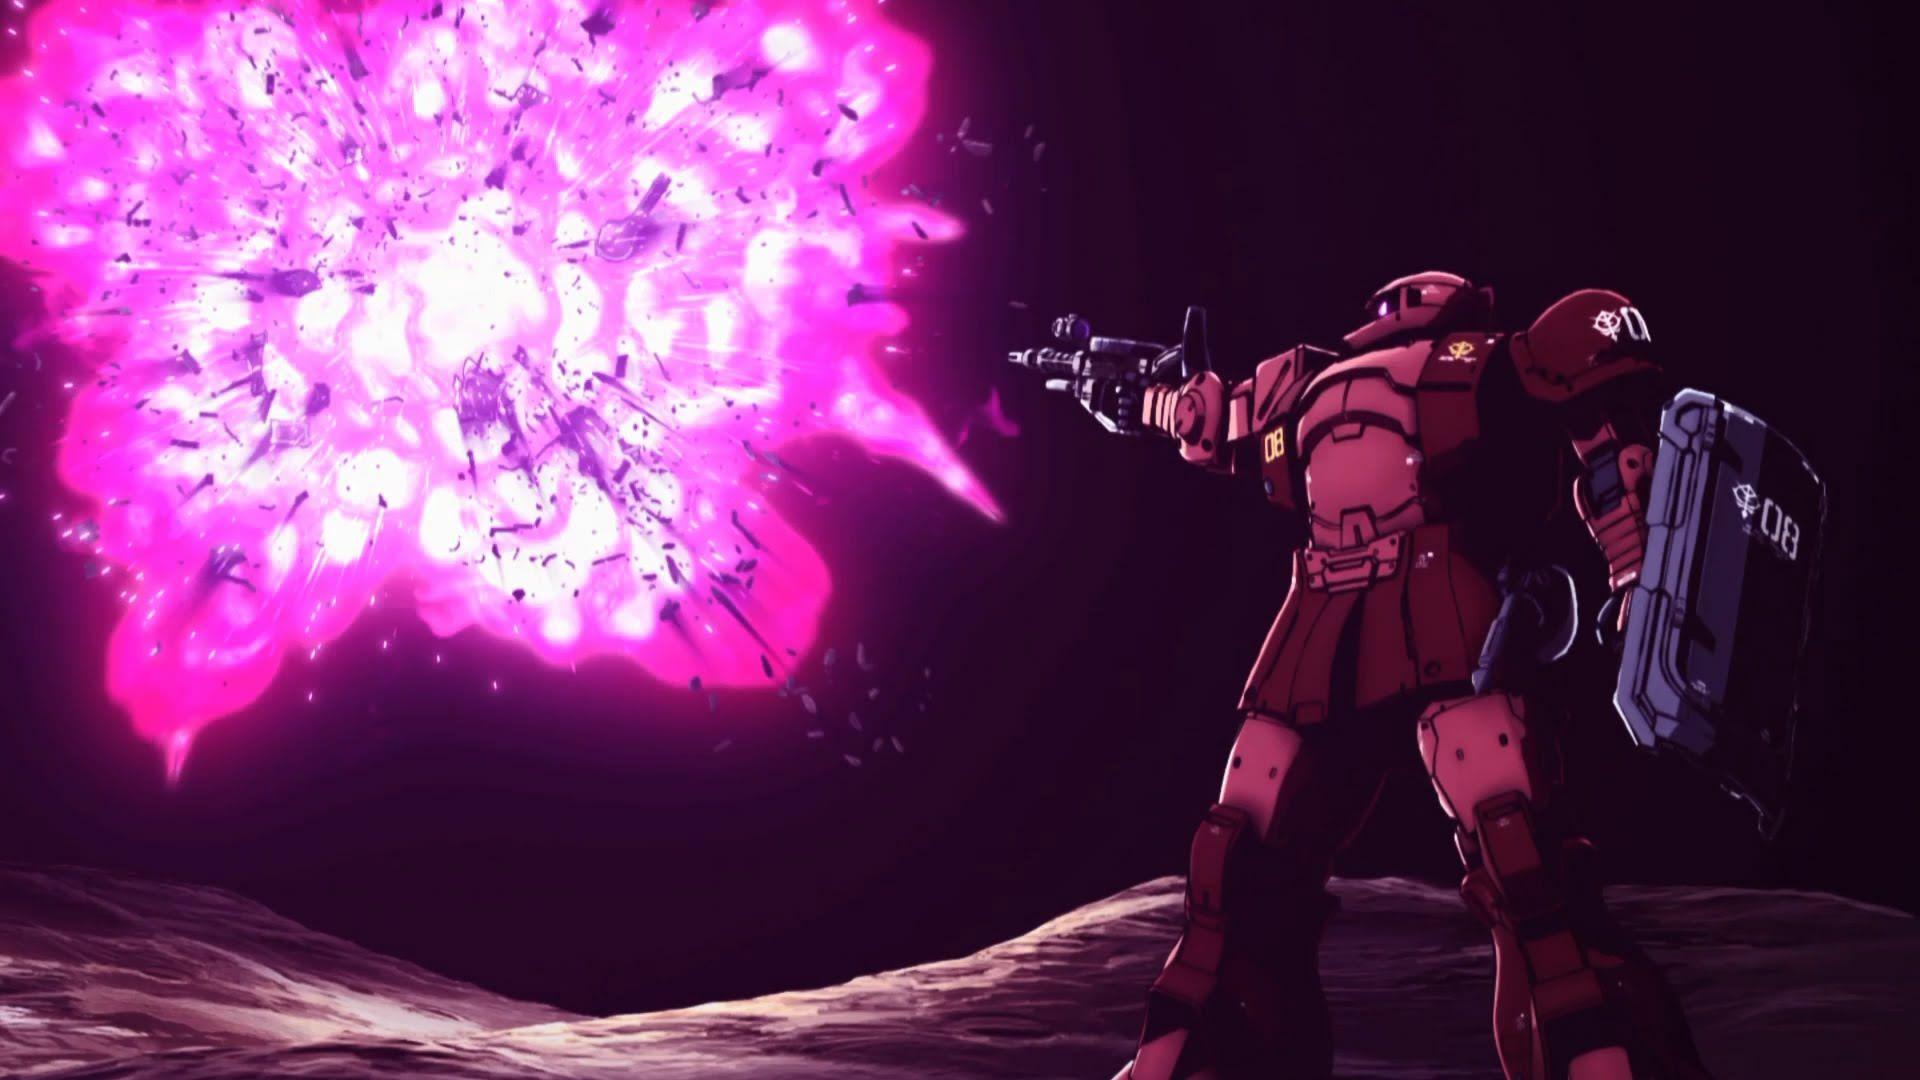 機動戦士ガンダム The Origin 第4話 運命の前夜 冒頭10分映像公開 ステイメンの 徒然なるままに 楽天ブログ